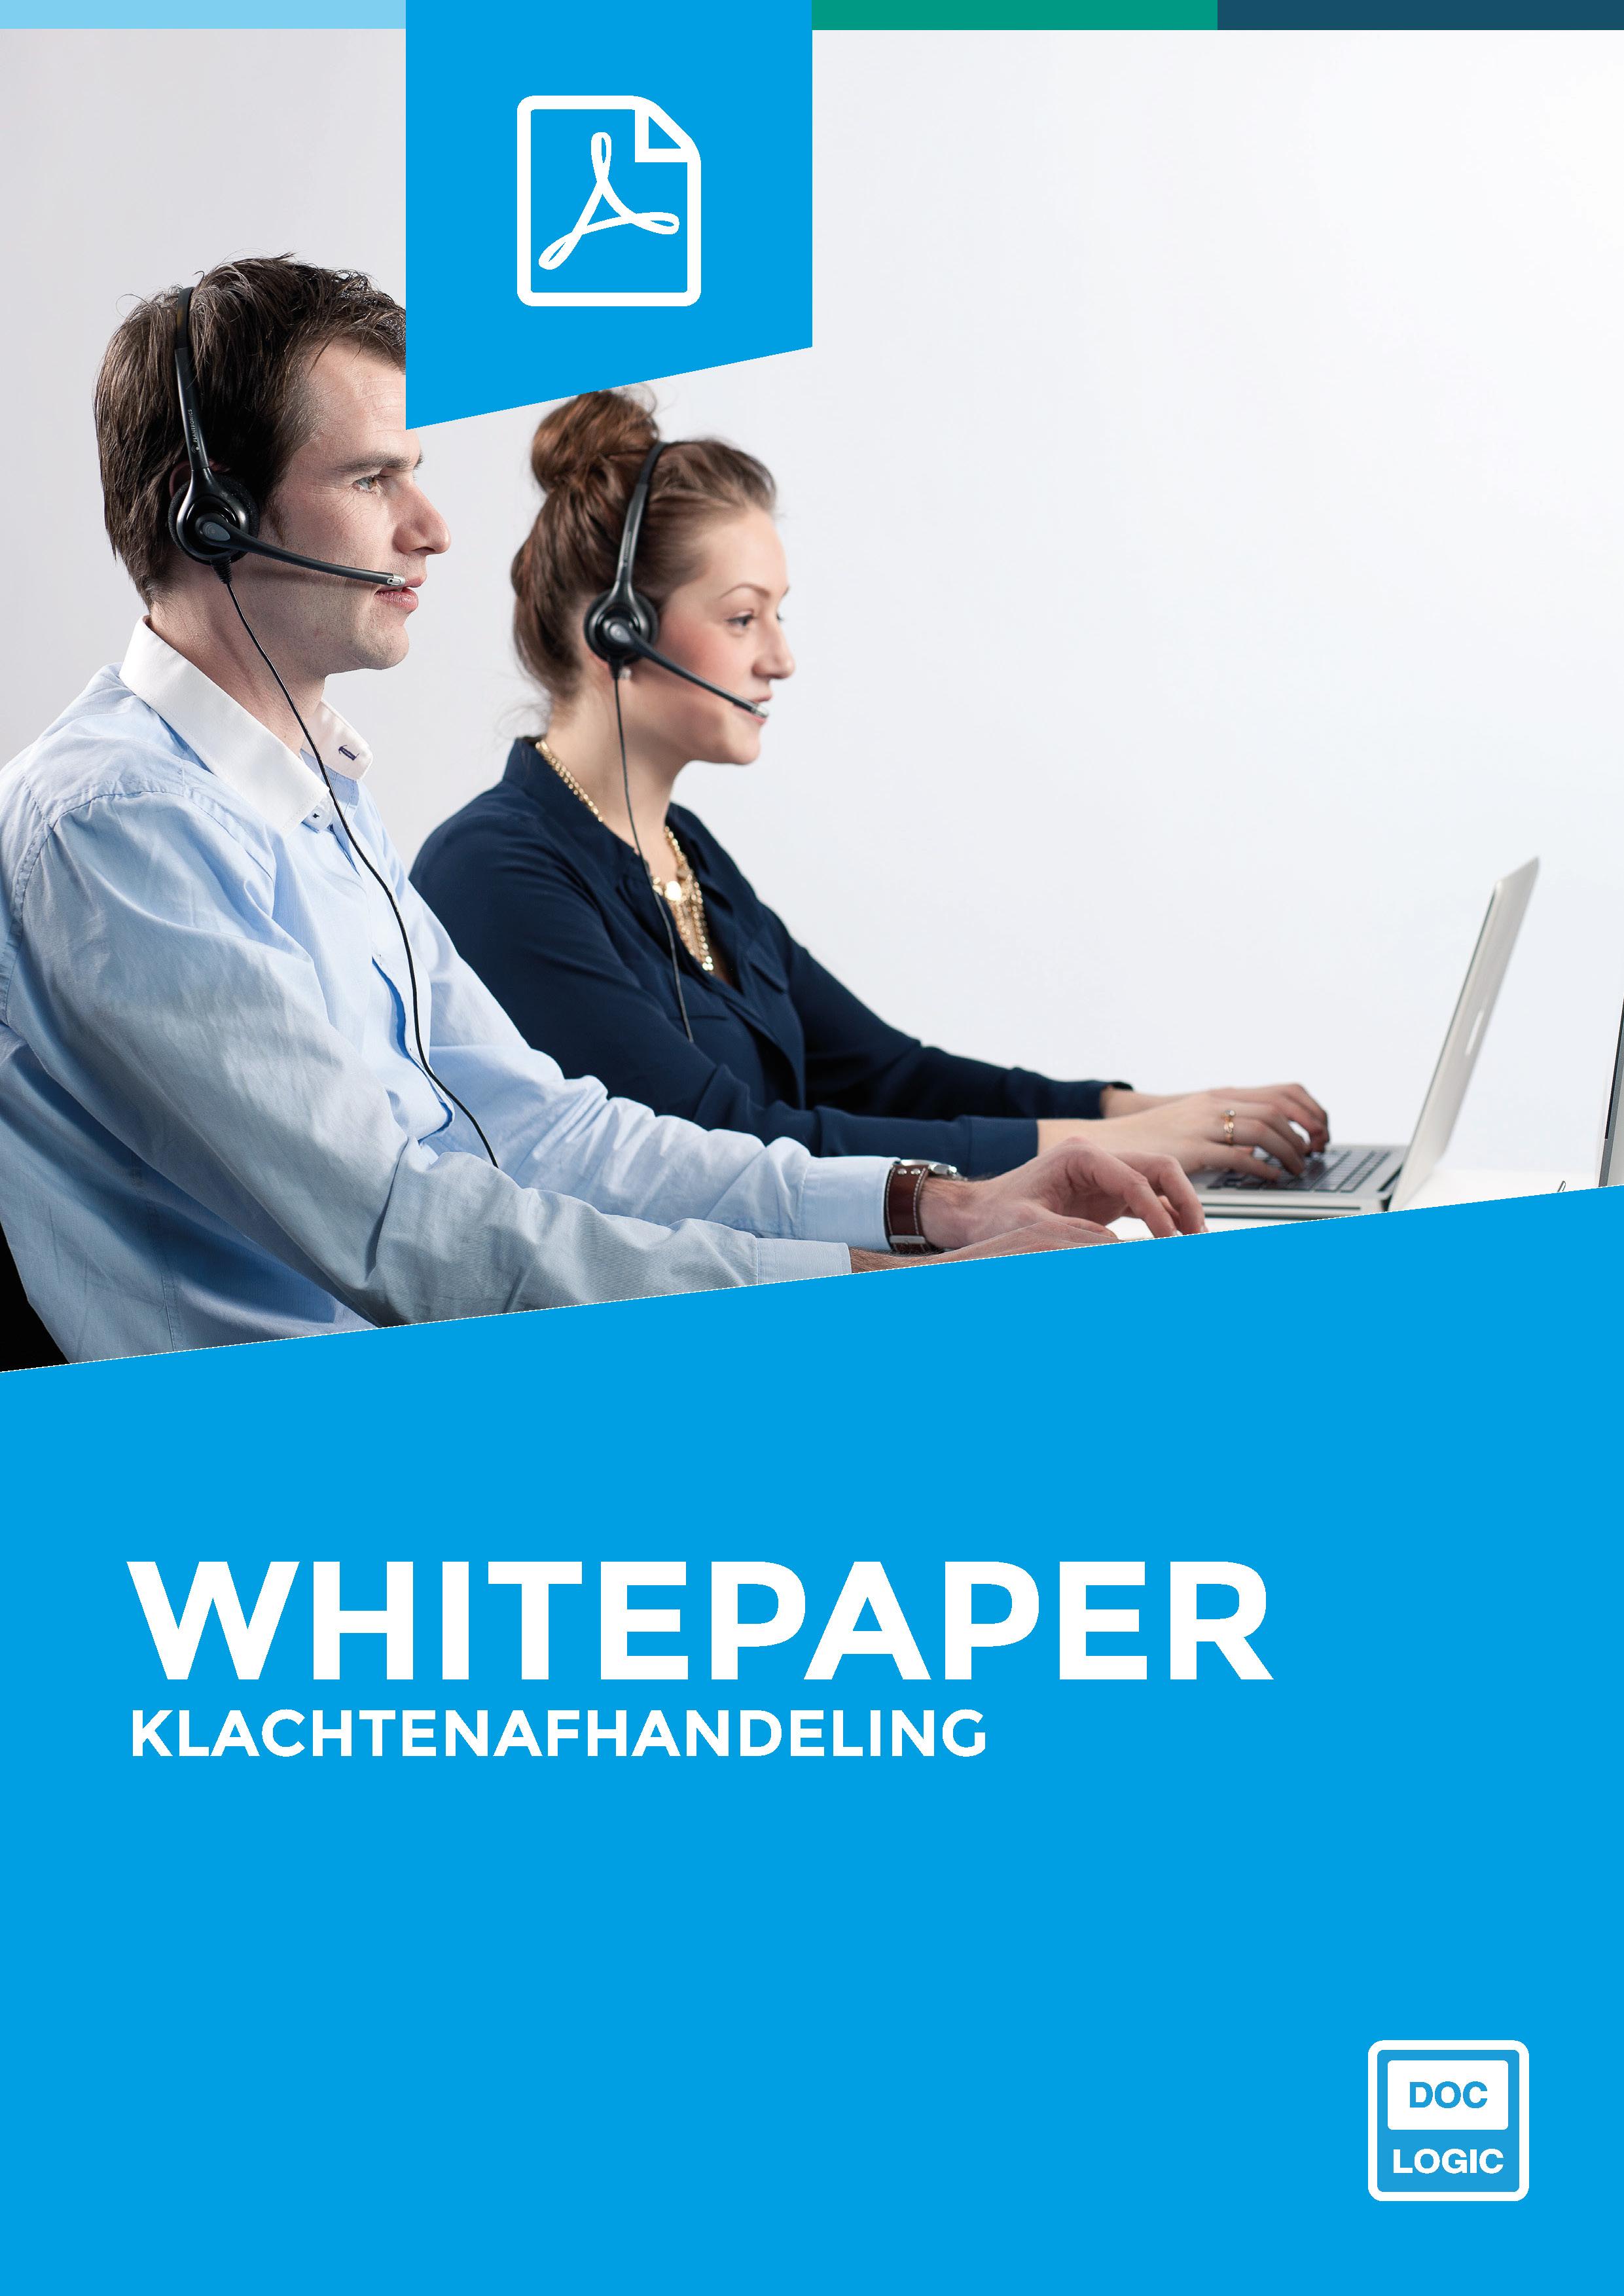 PDF_Klachtenafhandeling_-_Whitepaper_Voorkant.jpg